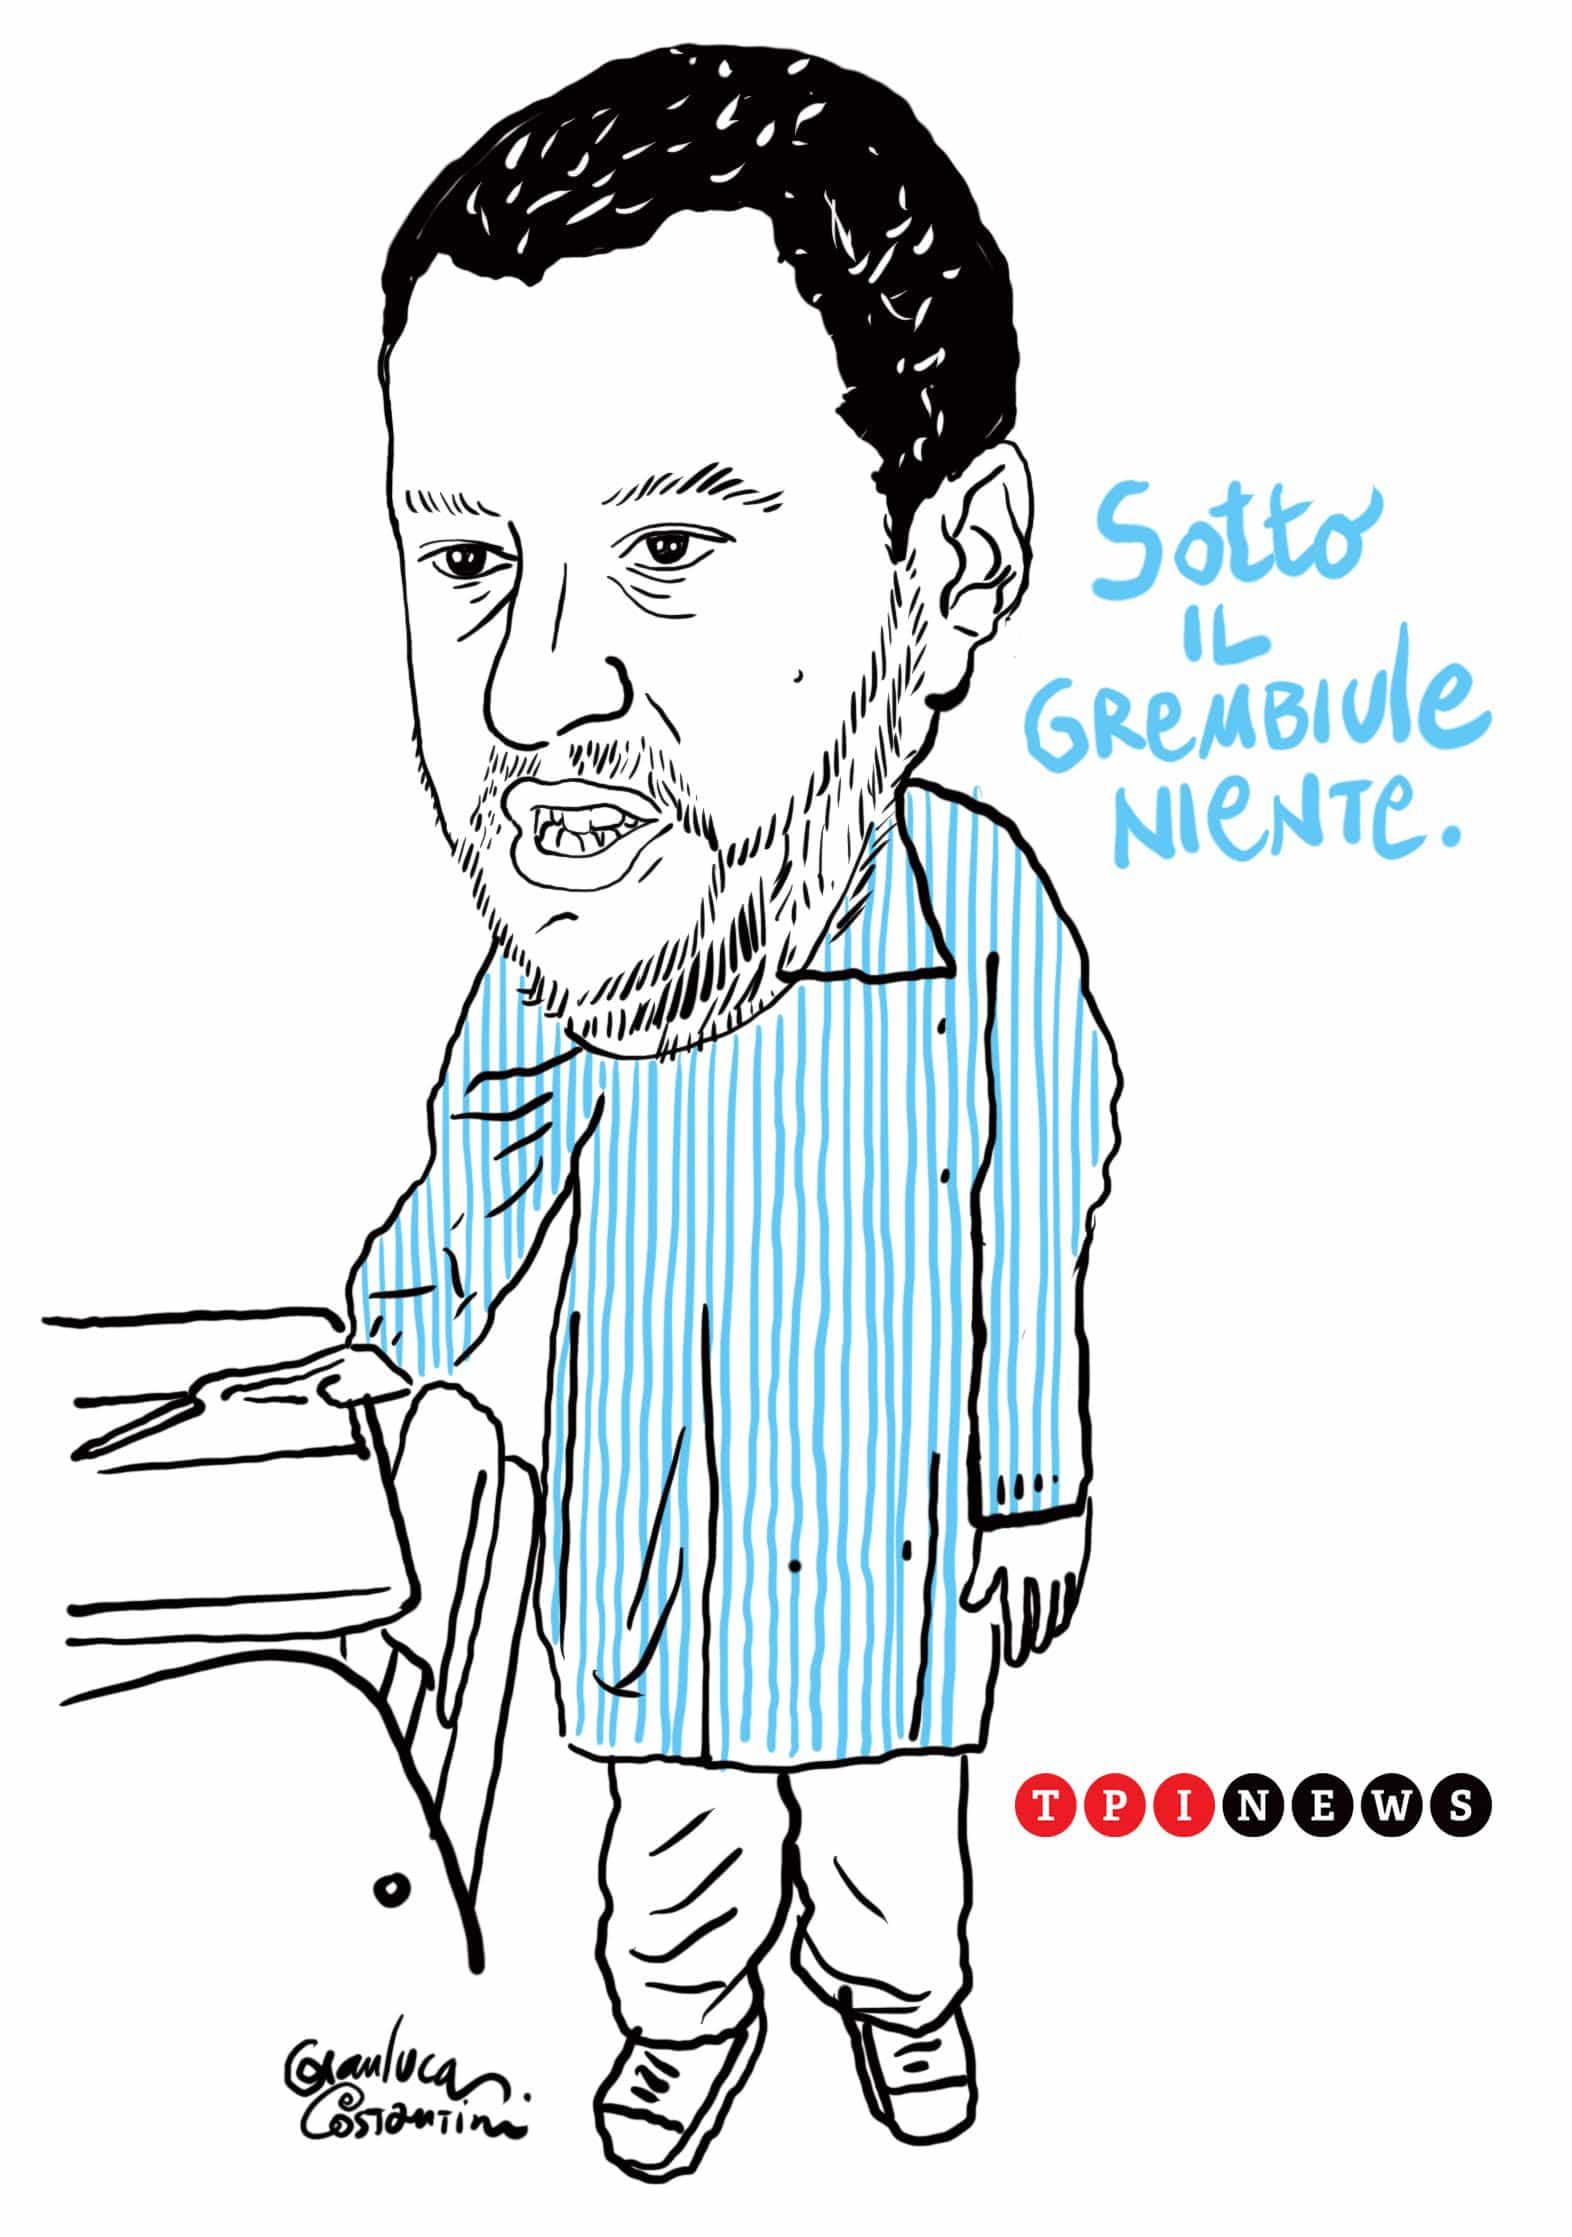 Salvini grembiule